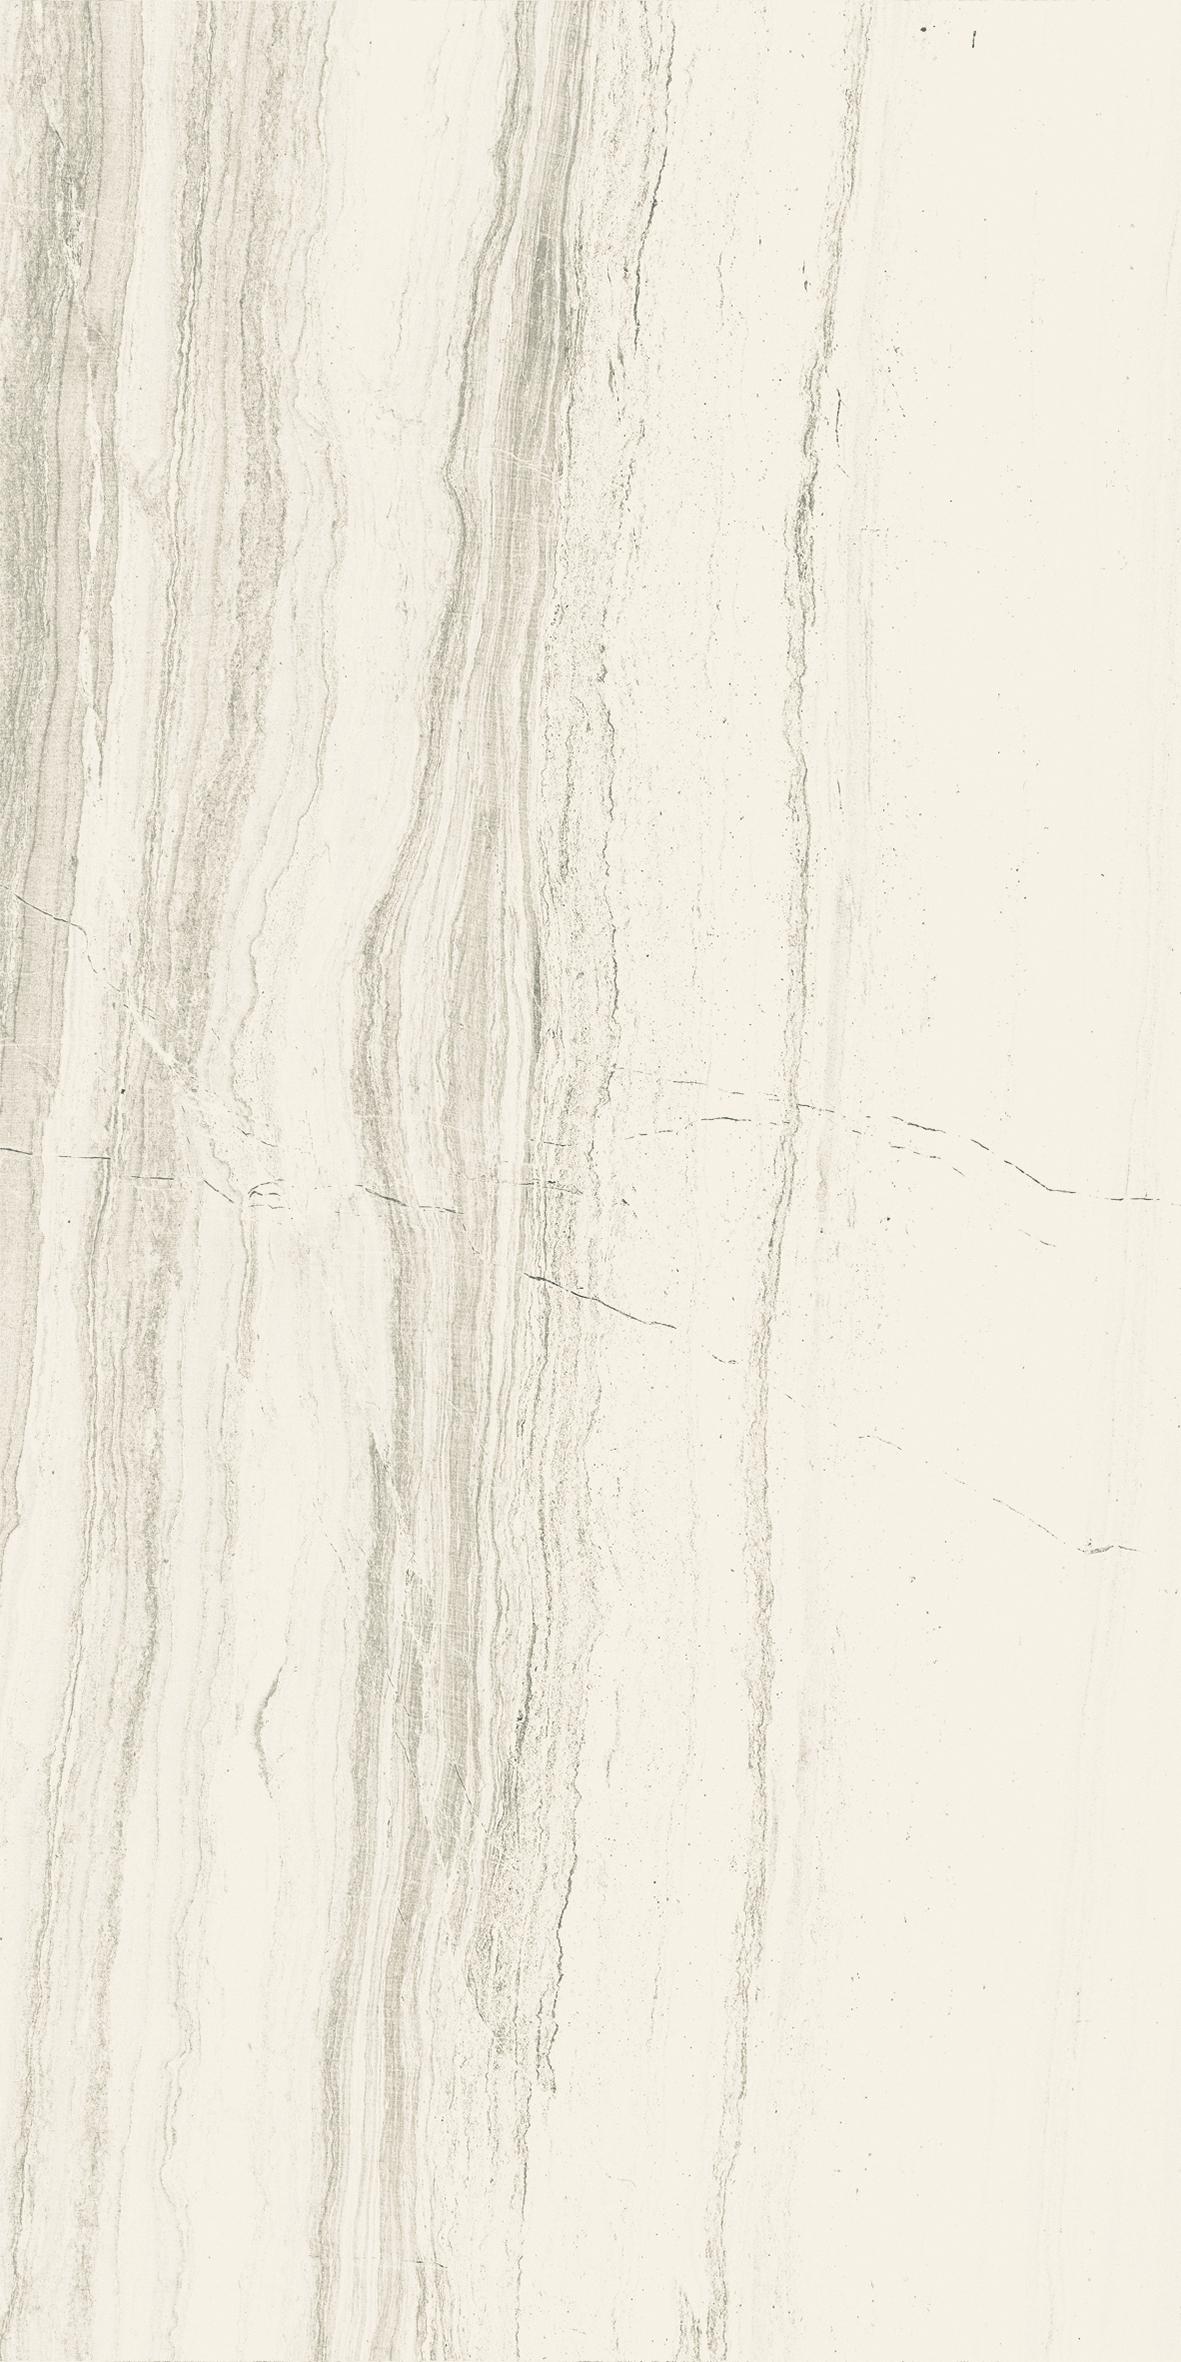 Highland sp hl white 1836 f12 USG1836205